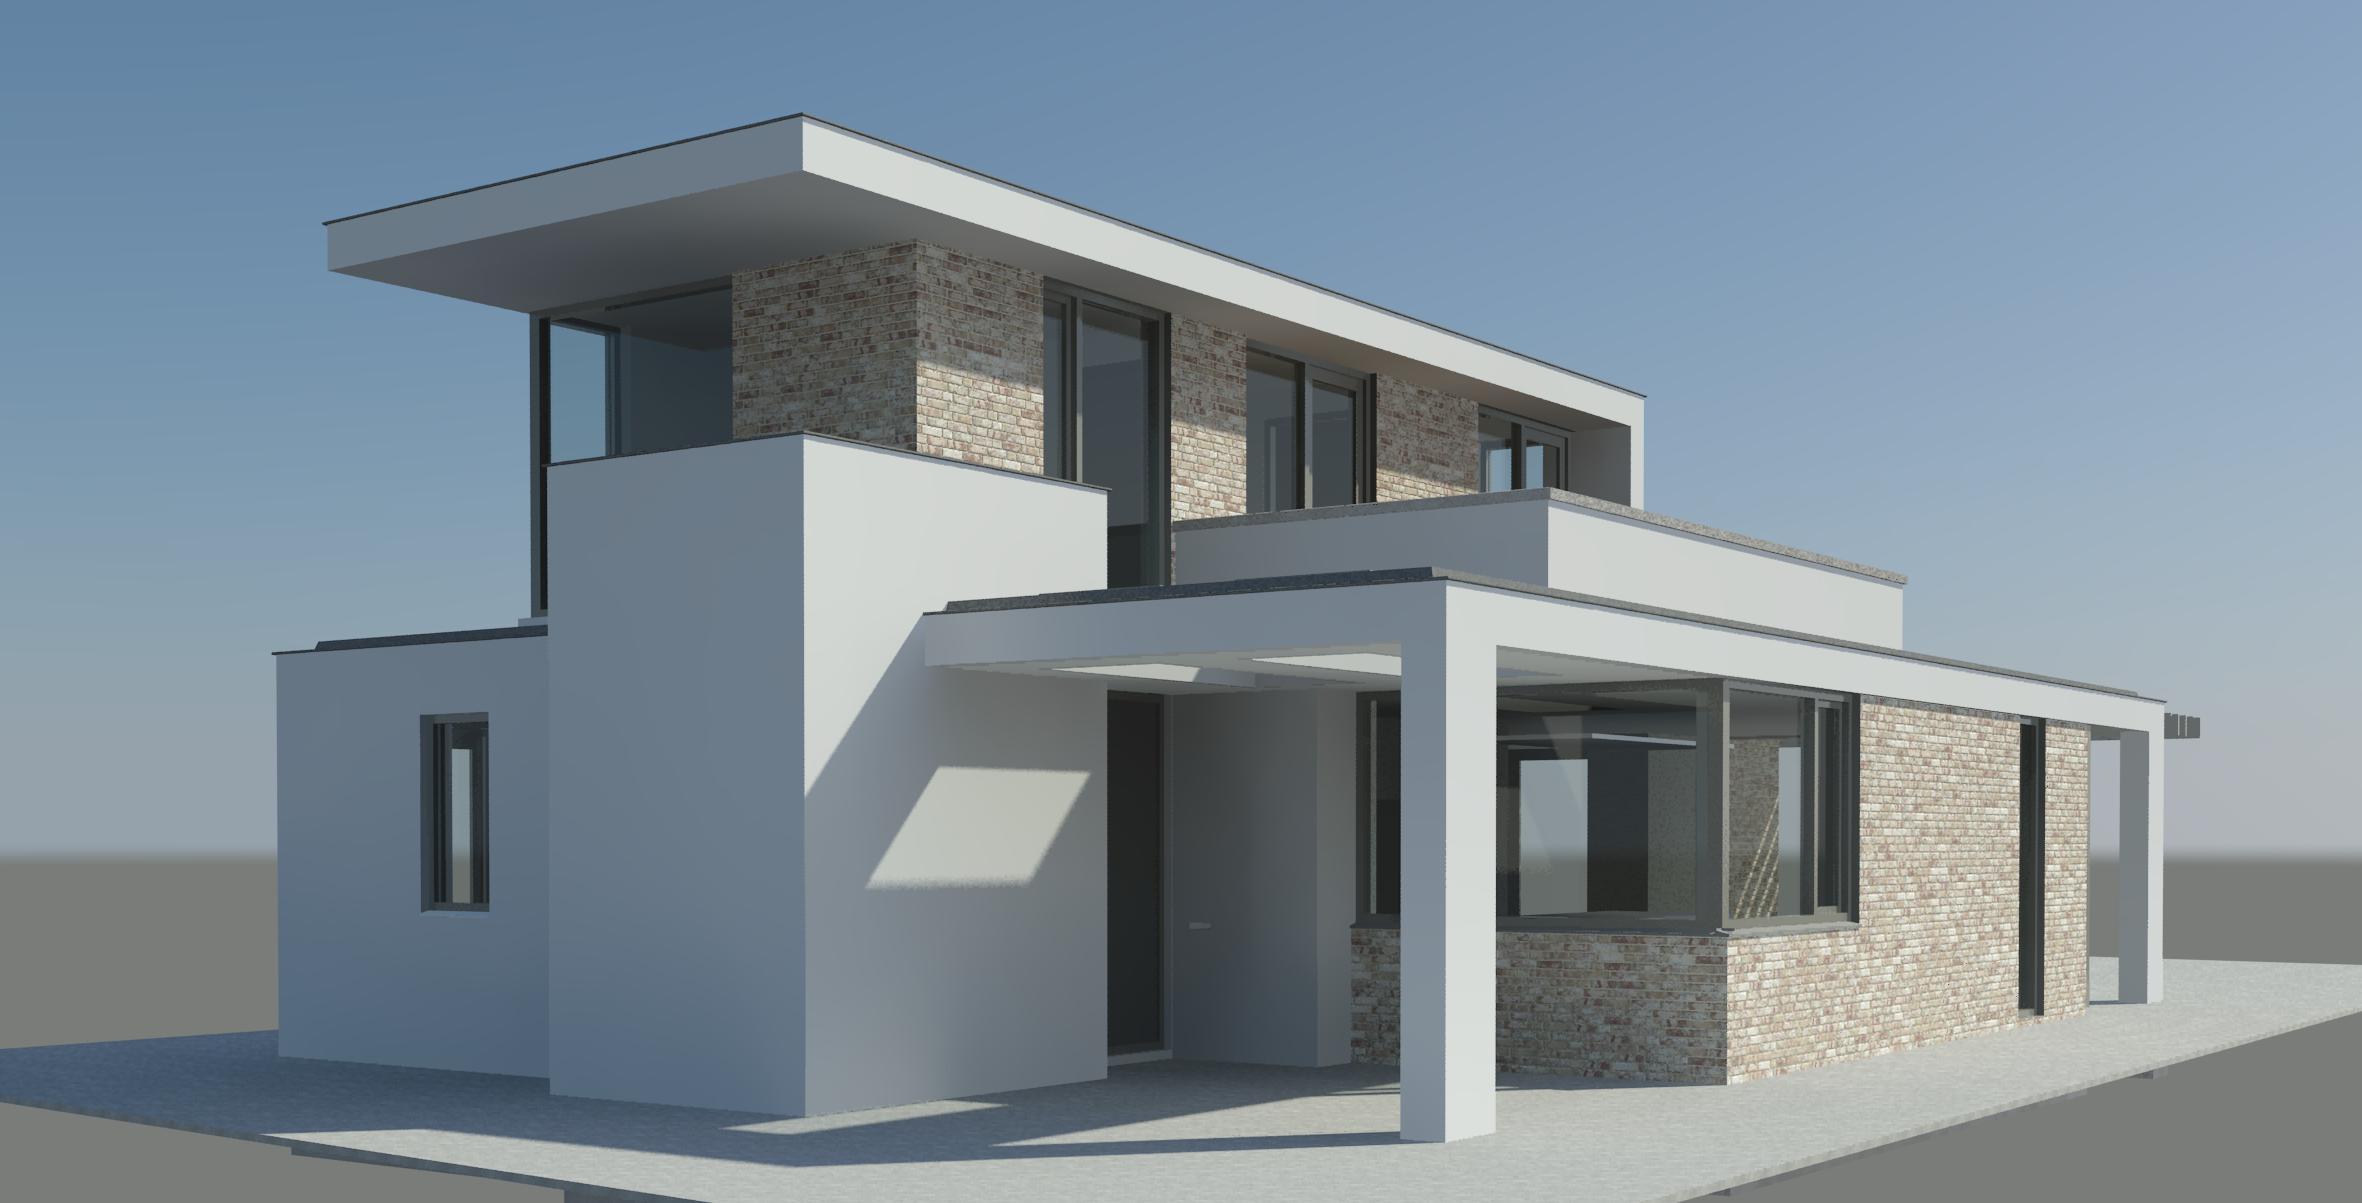 Wit gestuukte moderne woning in plan vaart alkmaar nico dekker ontwerp bouwkunde - Moderne uitbreiding huis ...